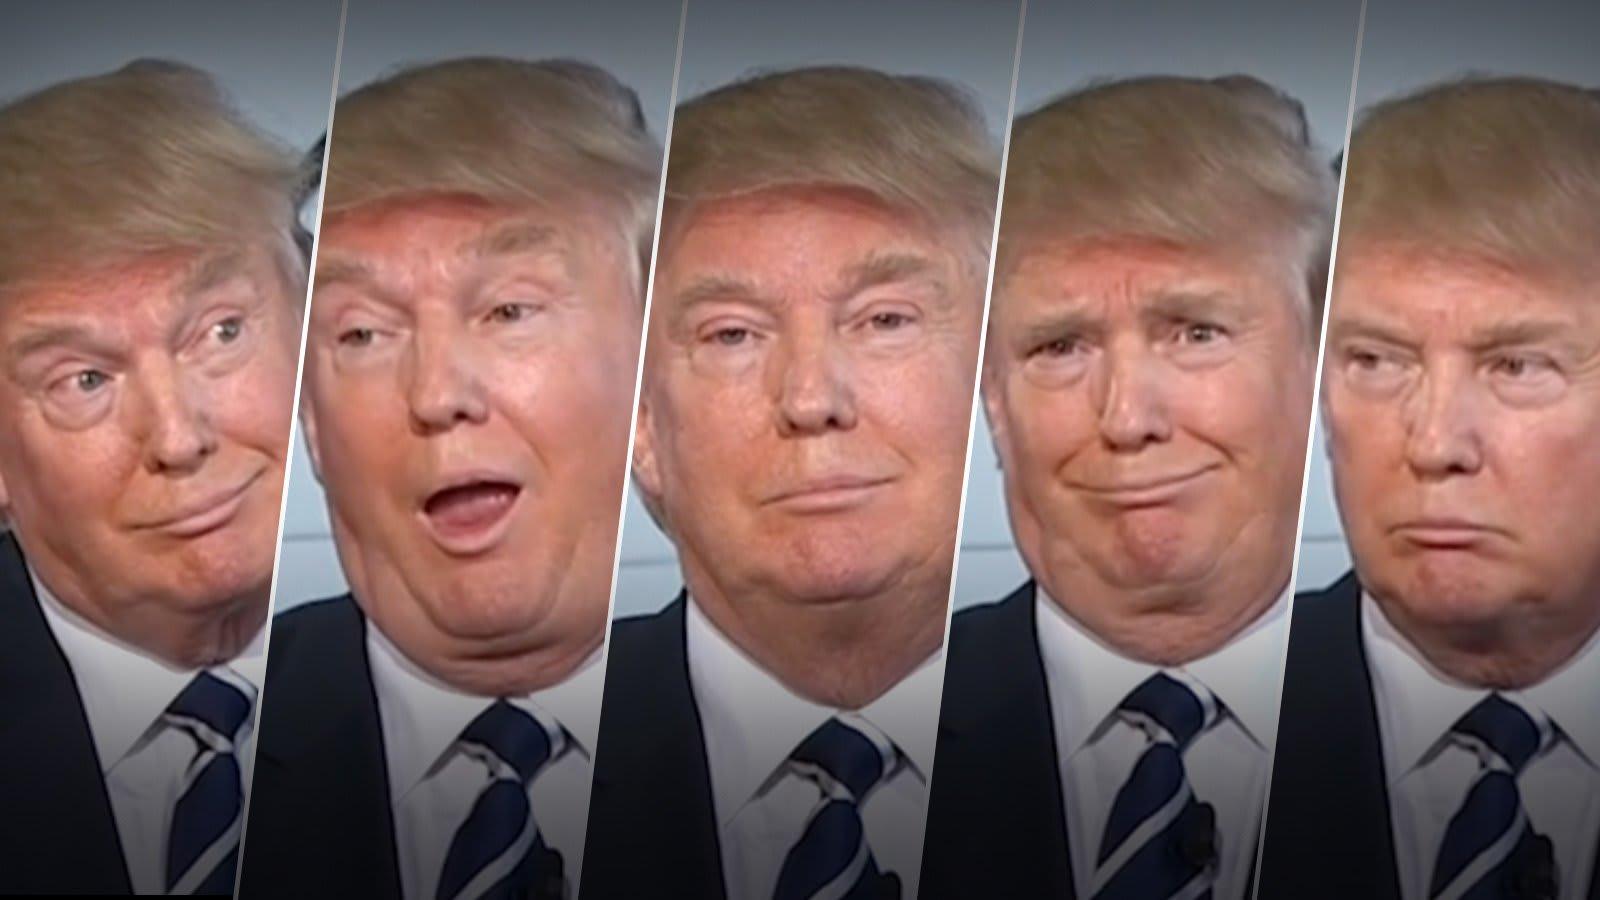 """ترامب قبل زيارة لإسرائيل: """"سأدعمها من كل قلبي"""".. والأعضاء الجمهوريون بمجلس الشيوخ: """"قد يربح"""""""